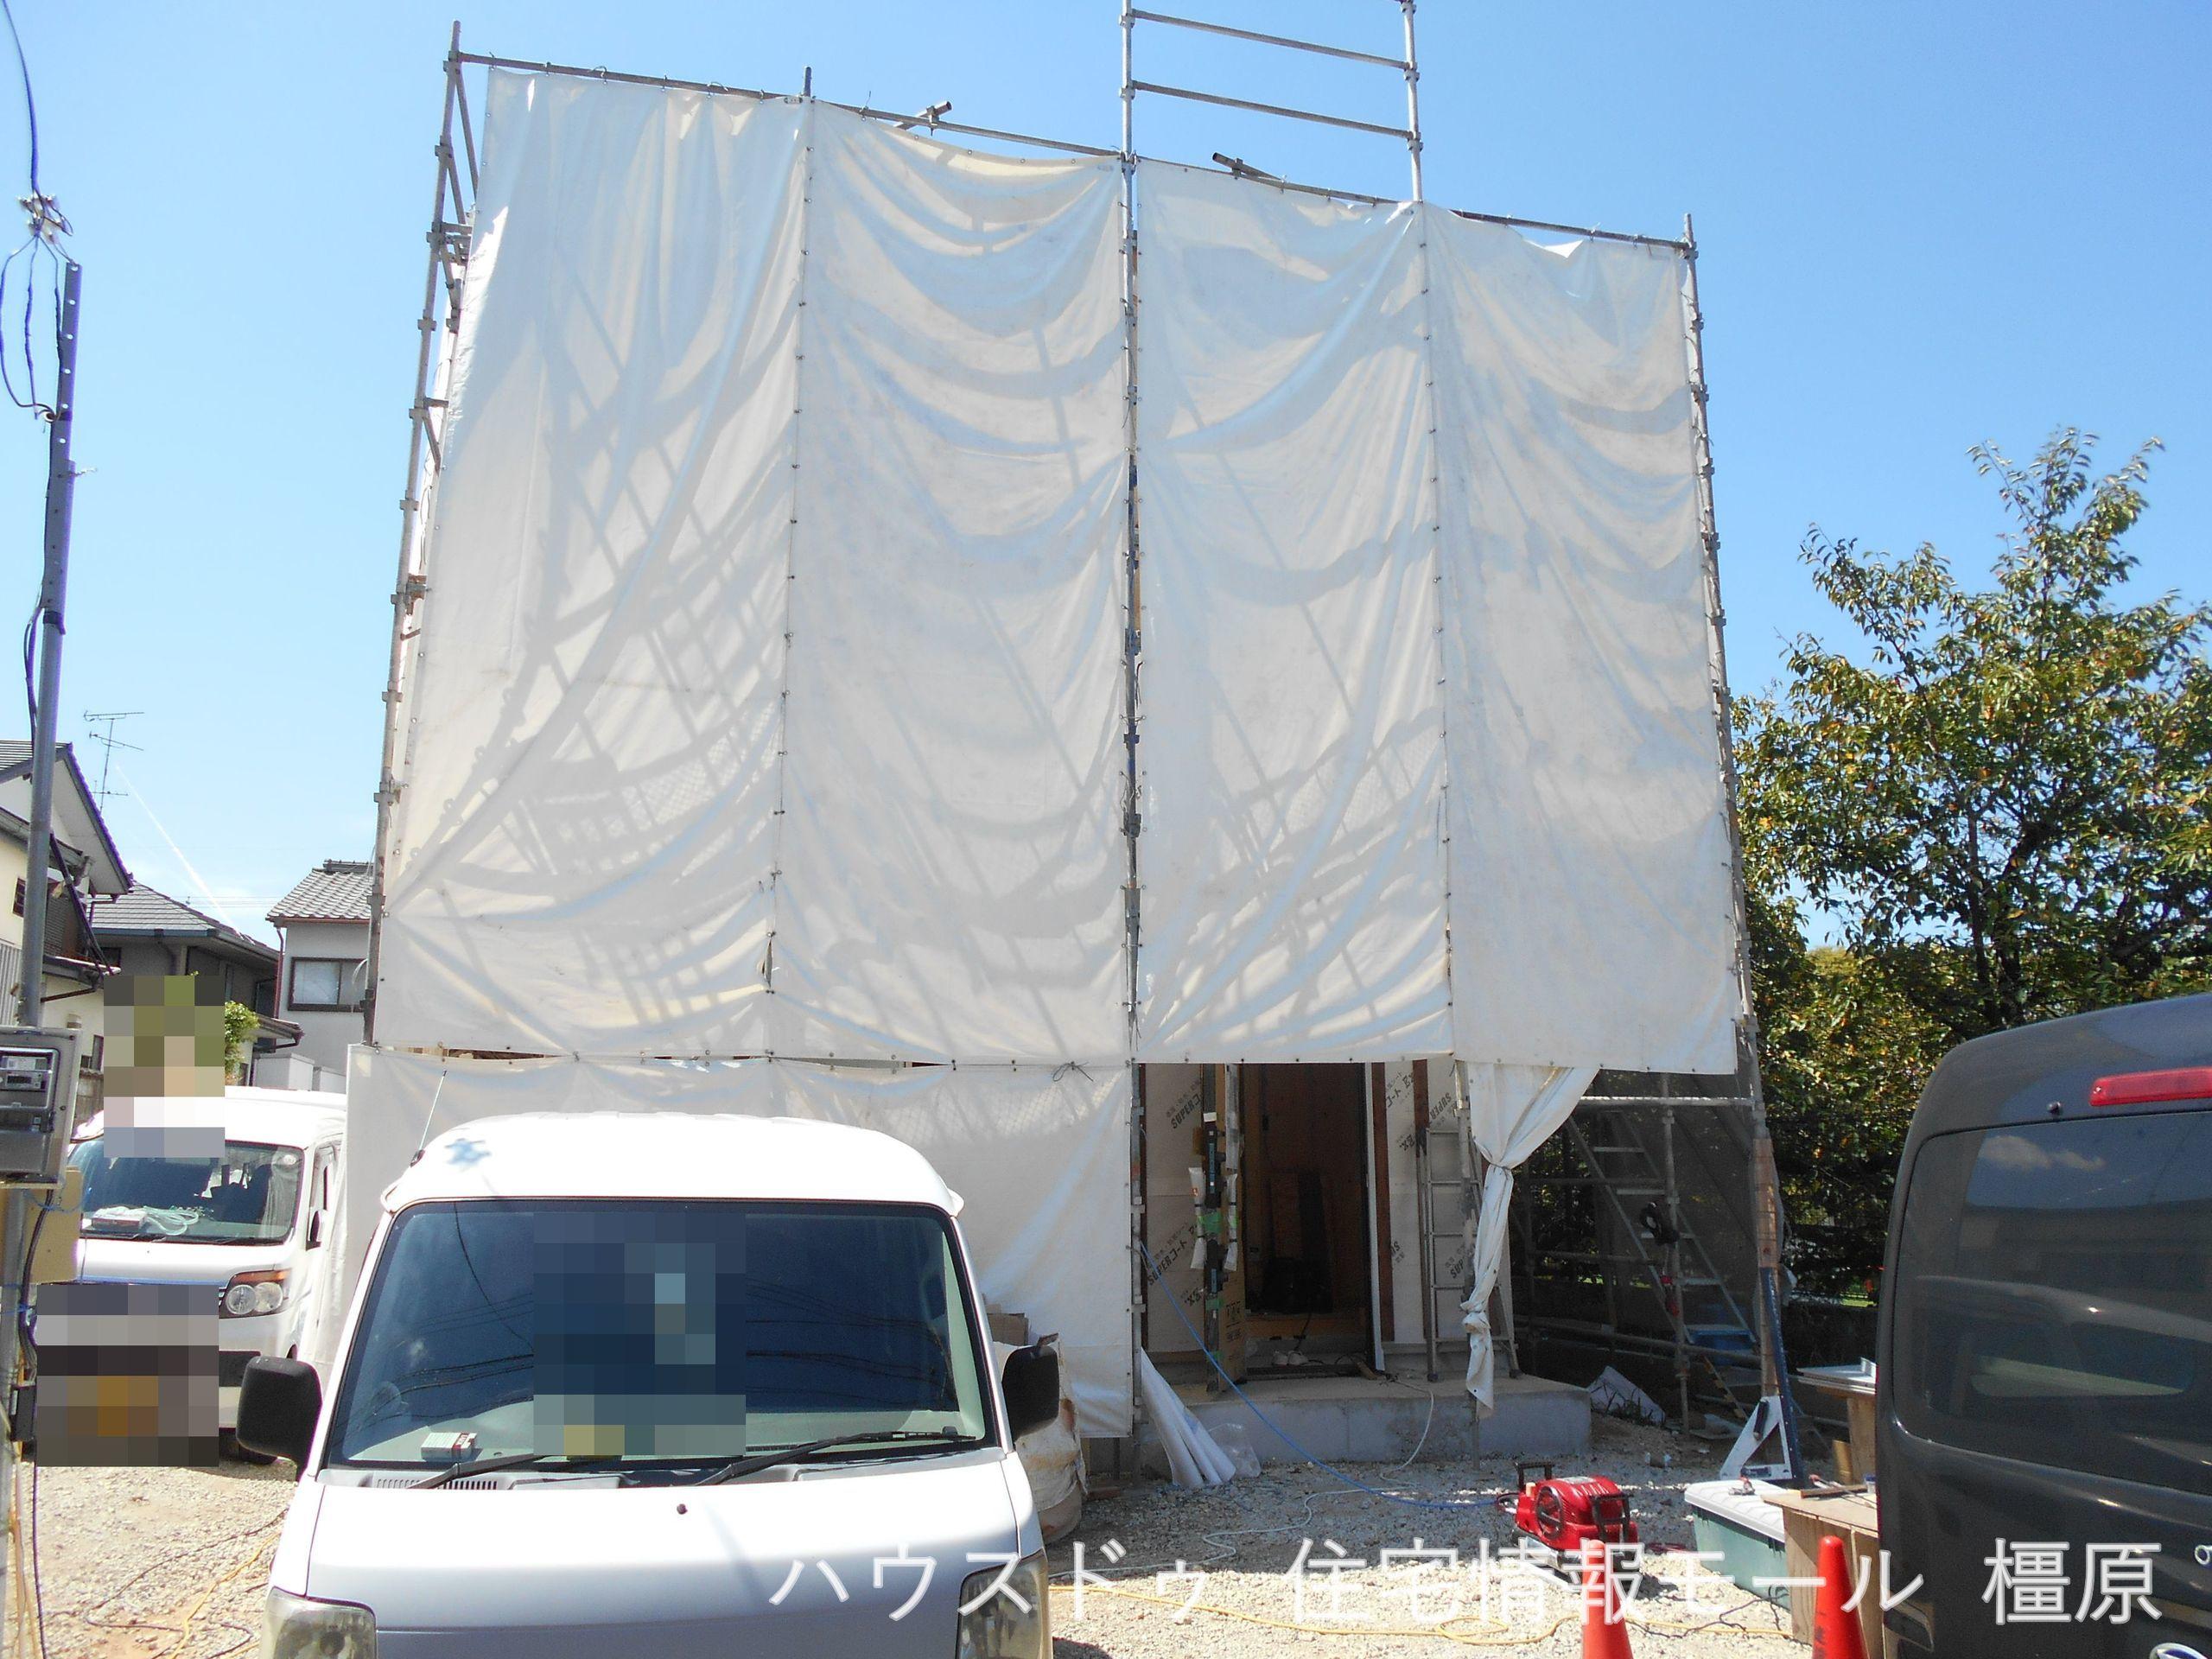 建築工事が始まりました。構造部分もしっかりご確認下さい。モデルルームへのご案内も可能です。(2021年9月撮影)